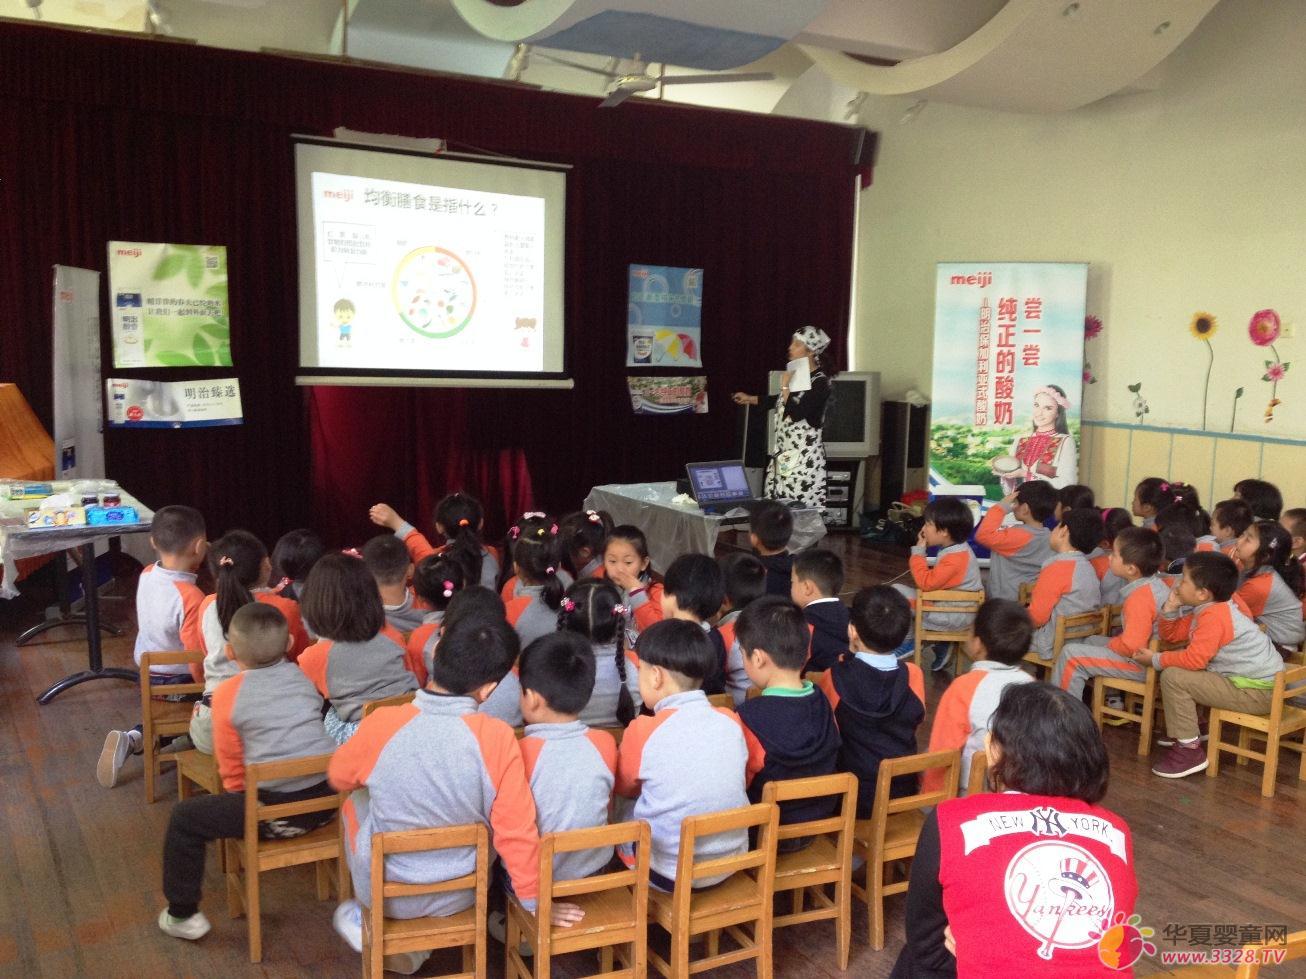 明治在中国开展食品教育活动